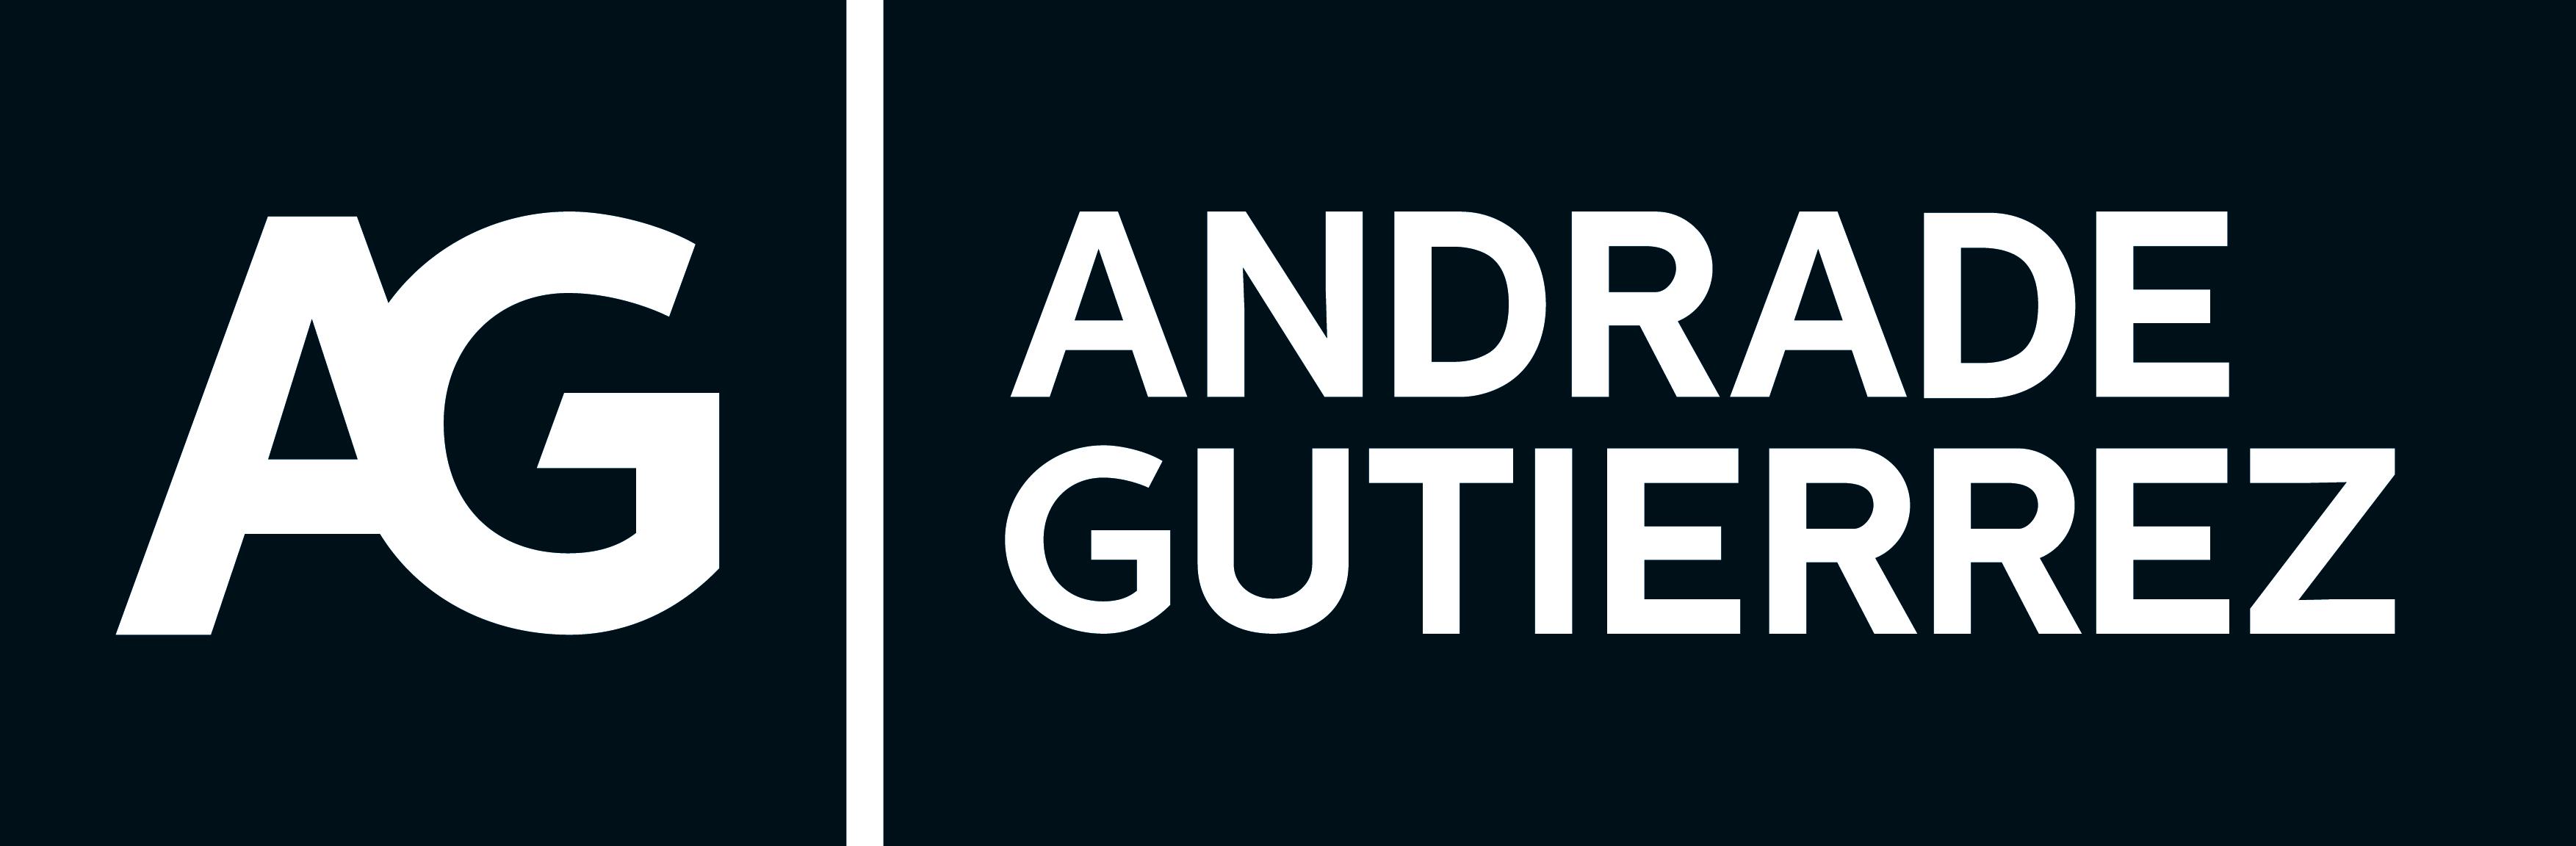 Veja o que saiu no Migalhas sobre Grupo Andrade Gutierrez